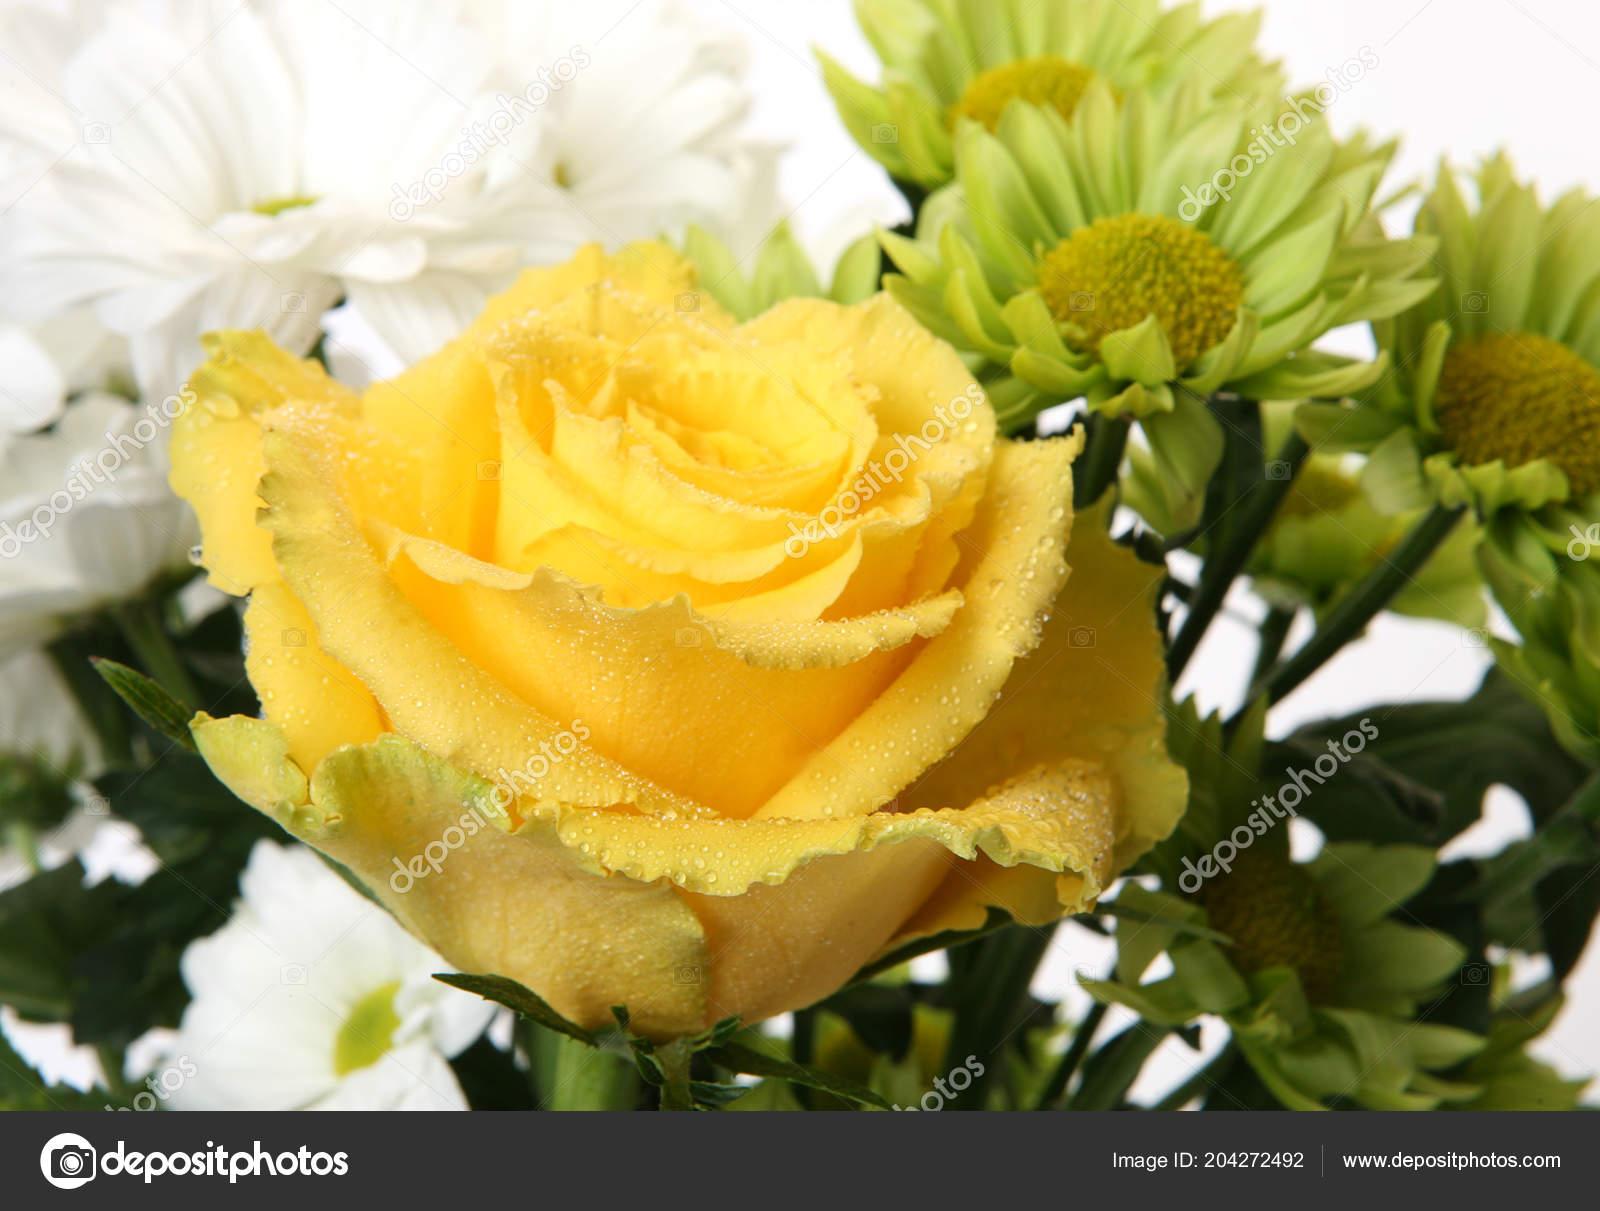 Etwas Neues genug Gelbe Rosen Und Grünen Chrysanthemen — Stockfoto © Elena777 #204272492 &MD_39